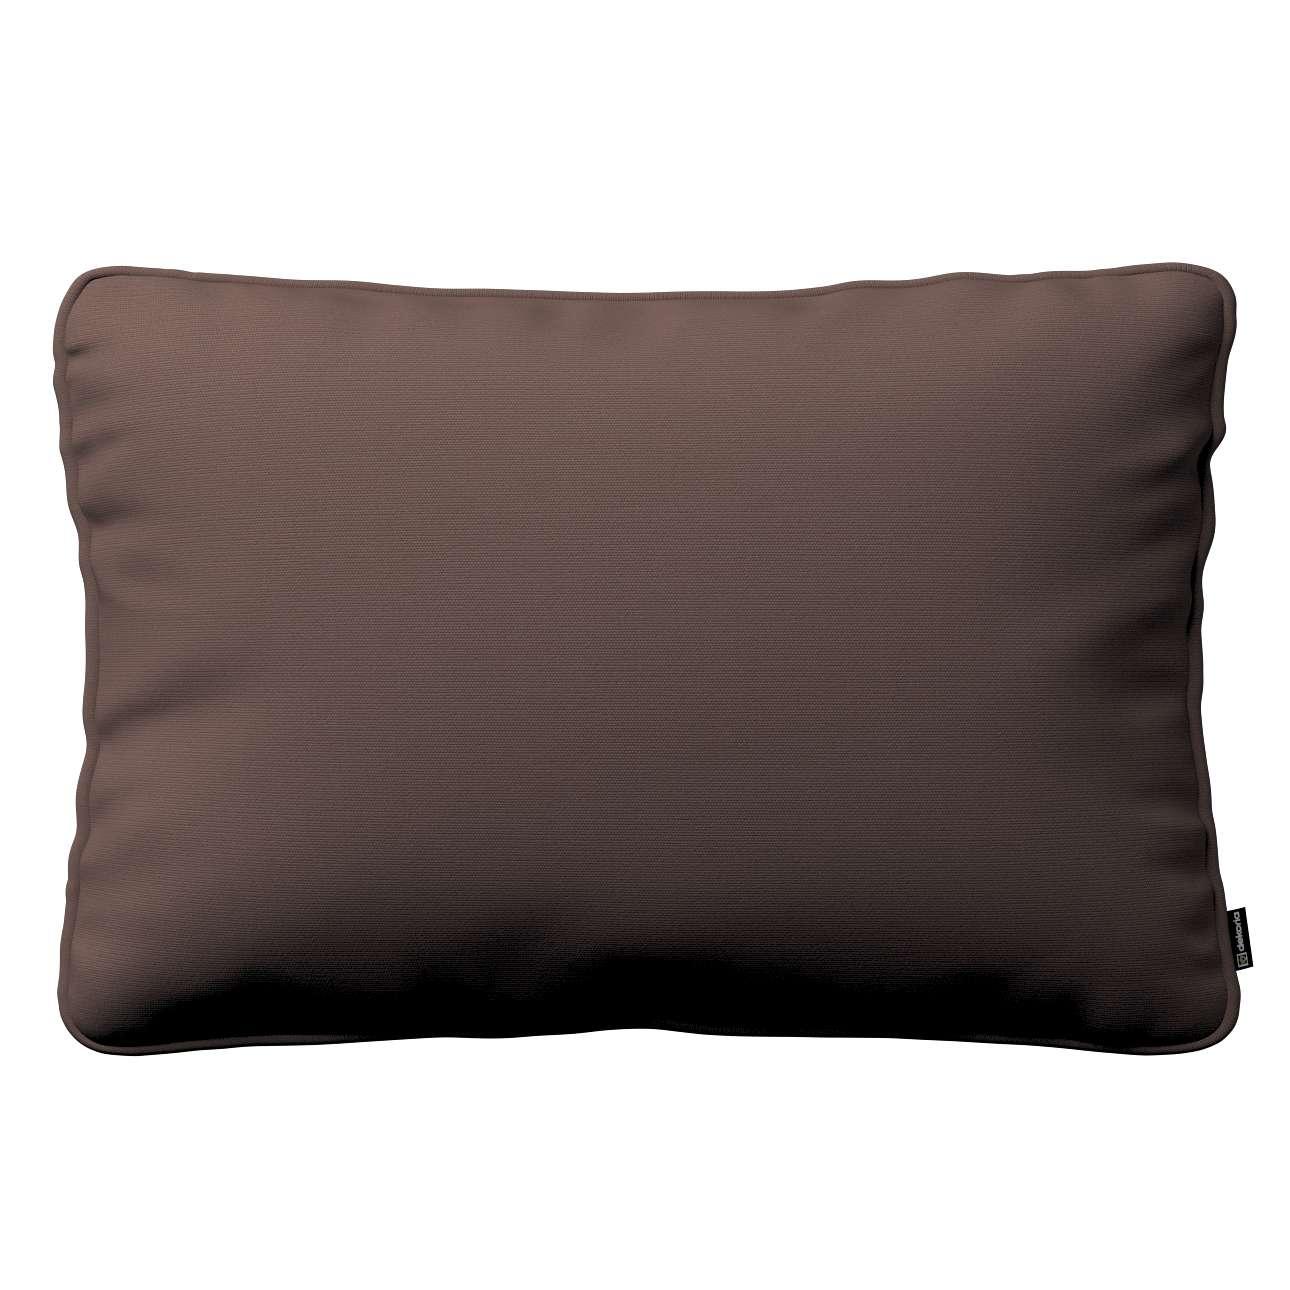 Poszewka Gabi na poduszkę prostokątna 60 x 40 cm w kolekcji Cotton Panama, tkanina: 702-03